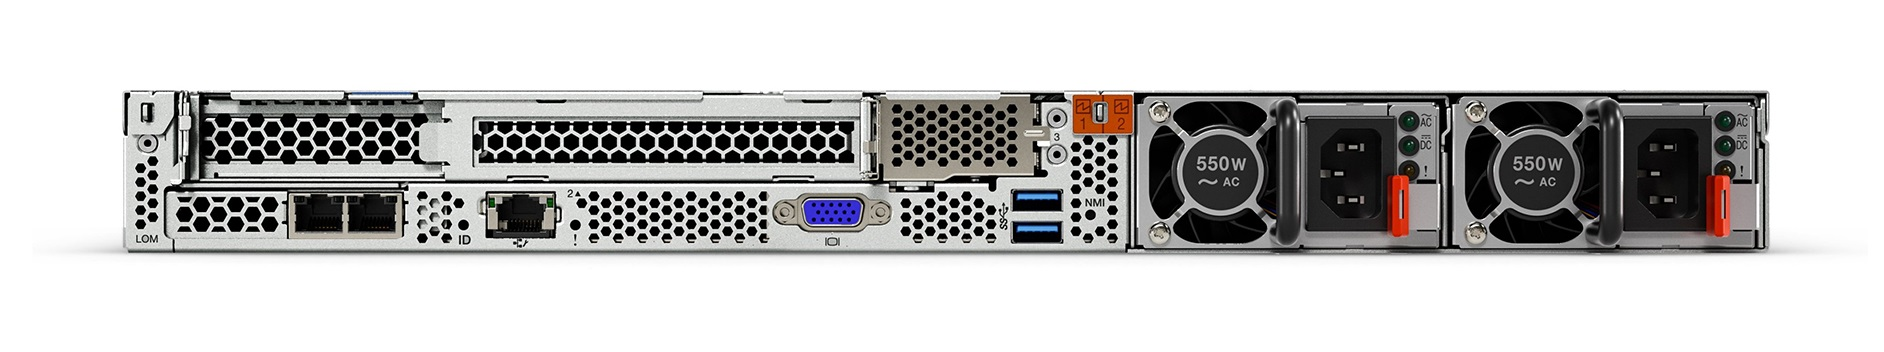 Купить стоечный сервер Lenovo ThinkSystem SR630 (7X02A03VEA